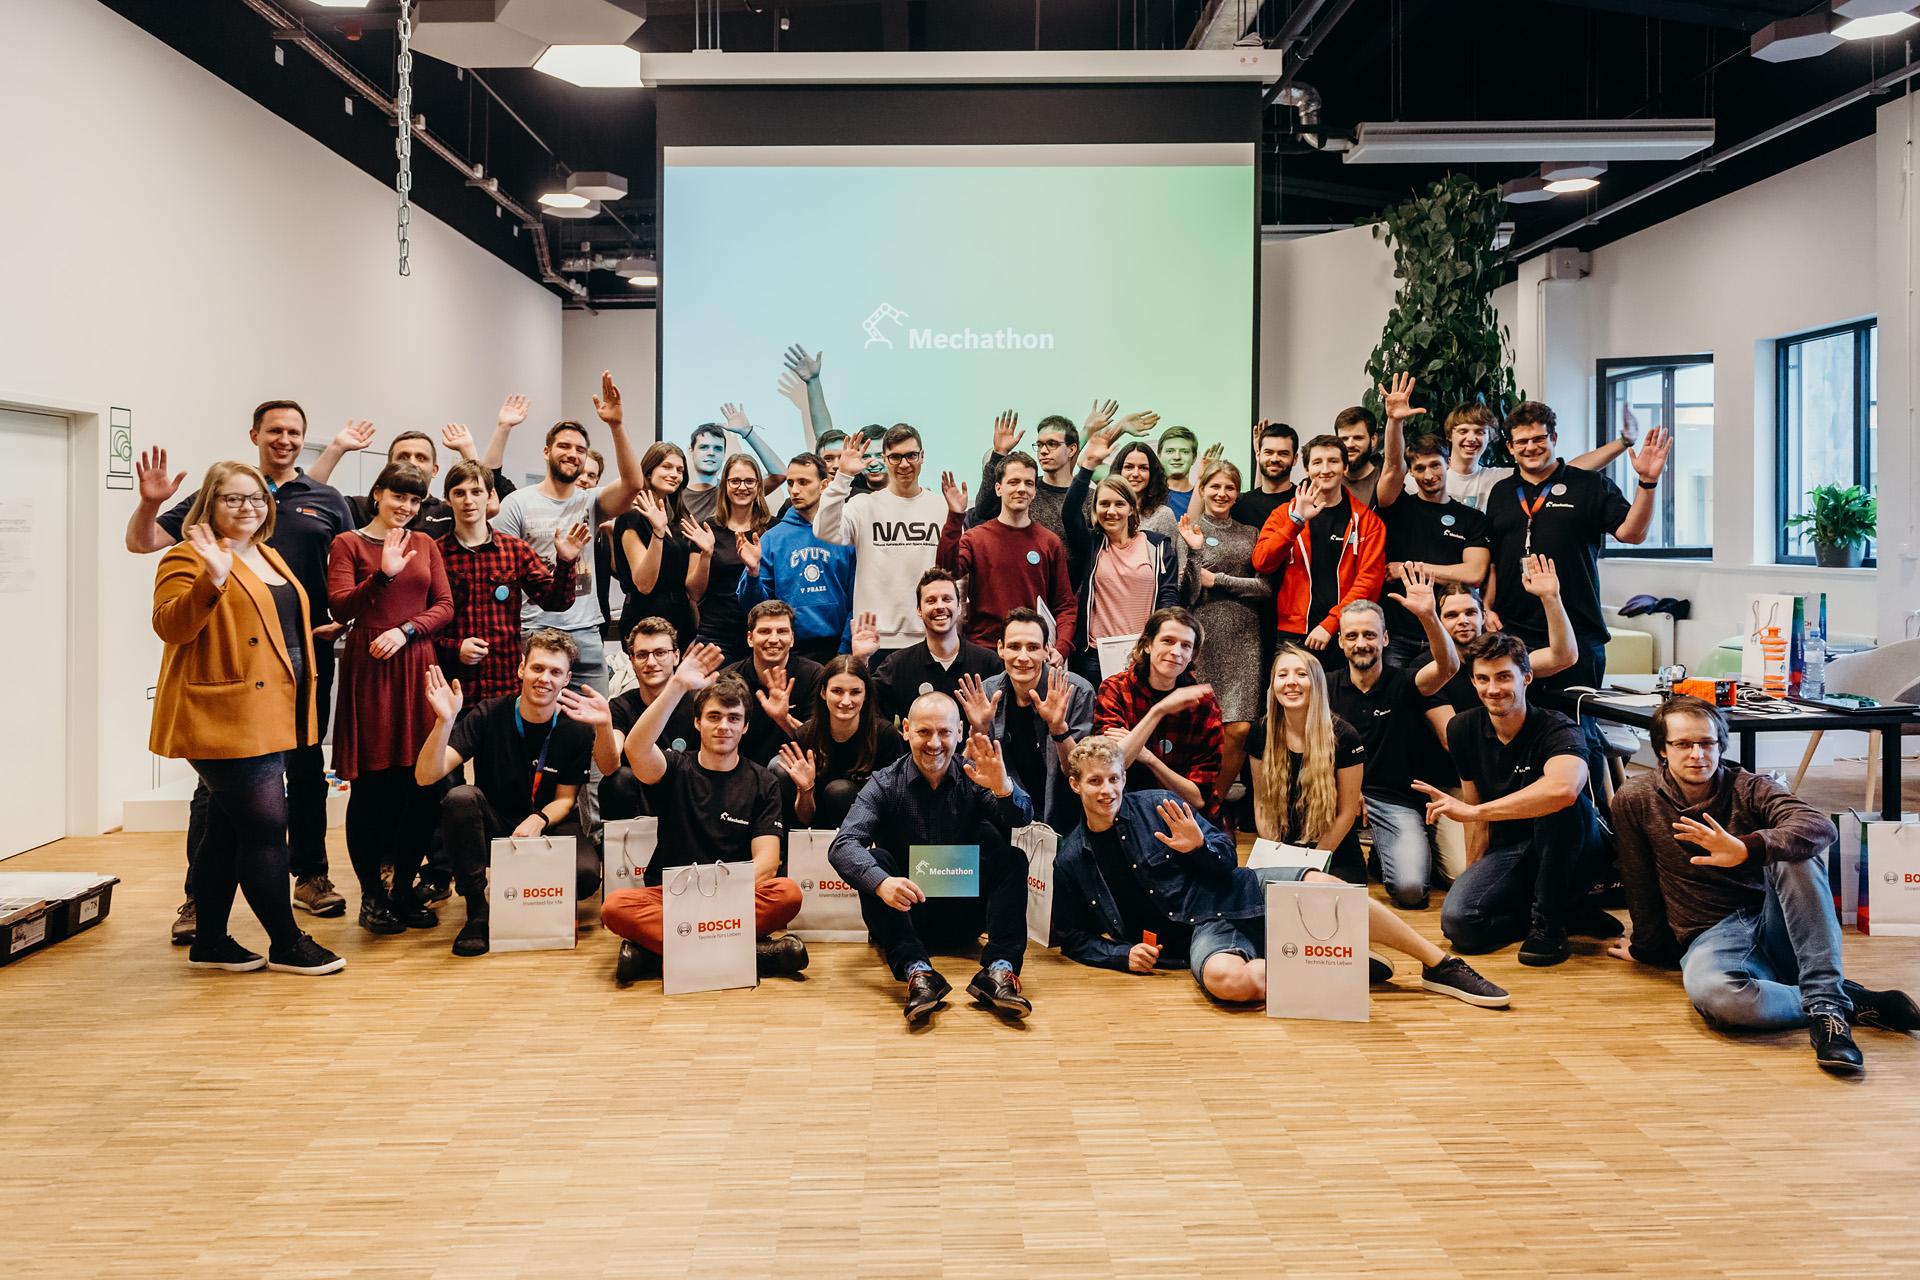 Společné foto všech účastníků.